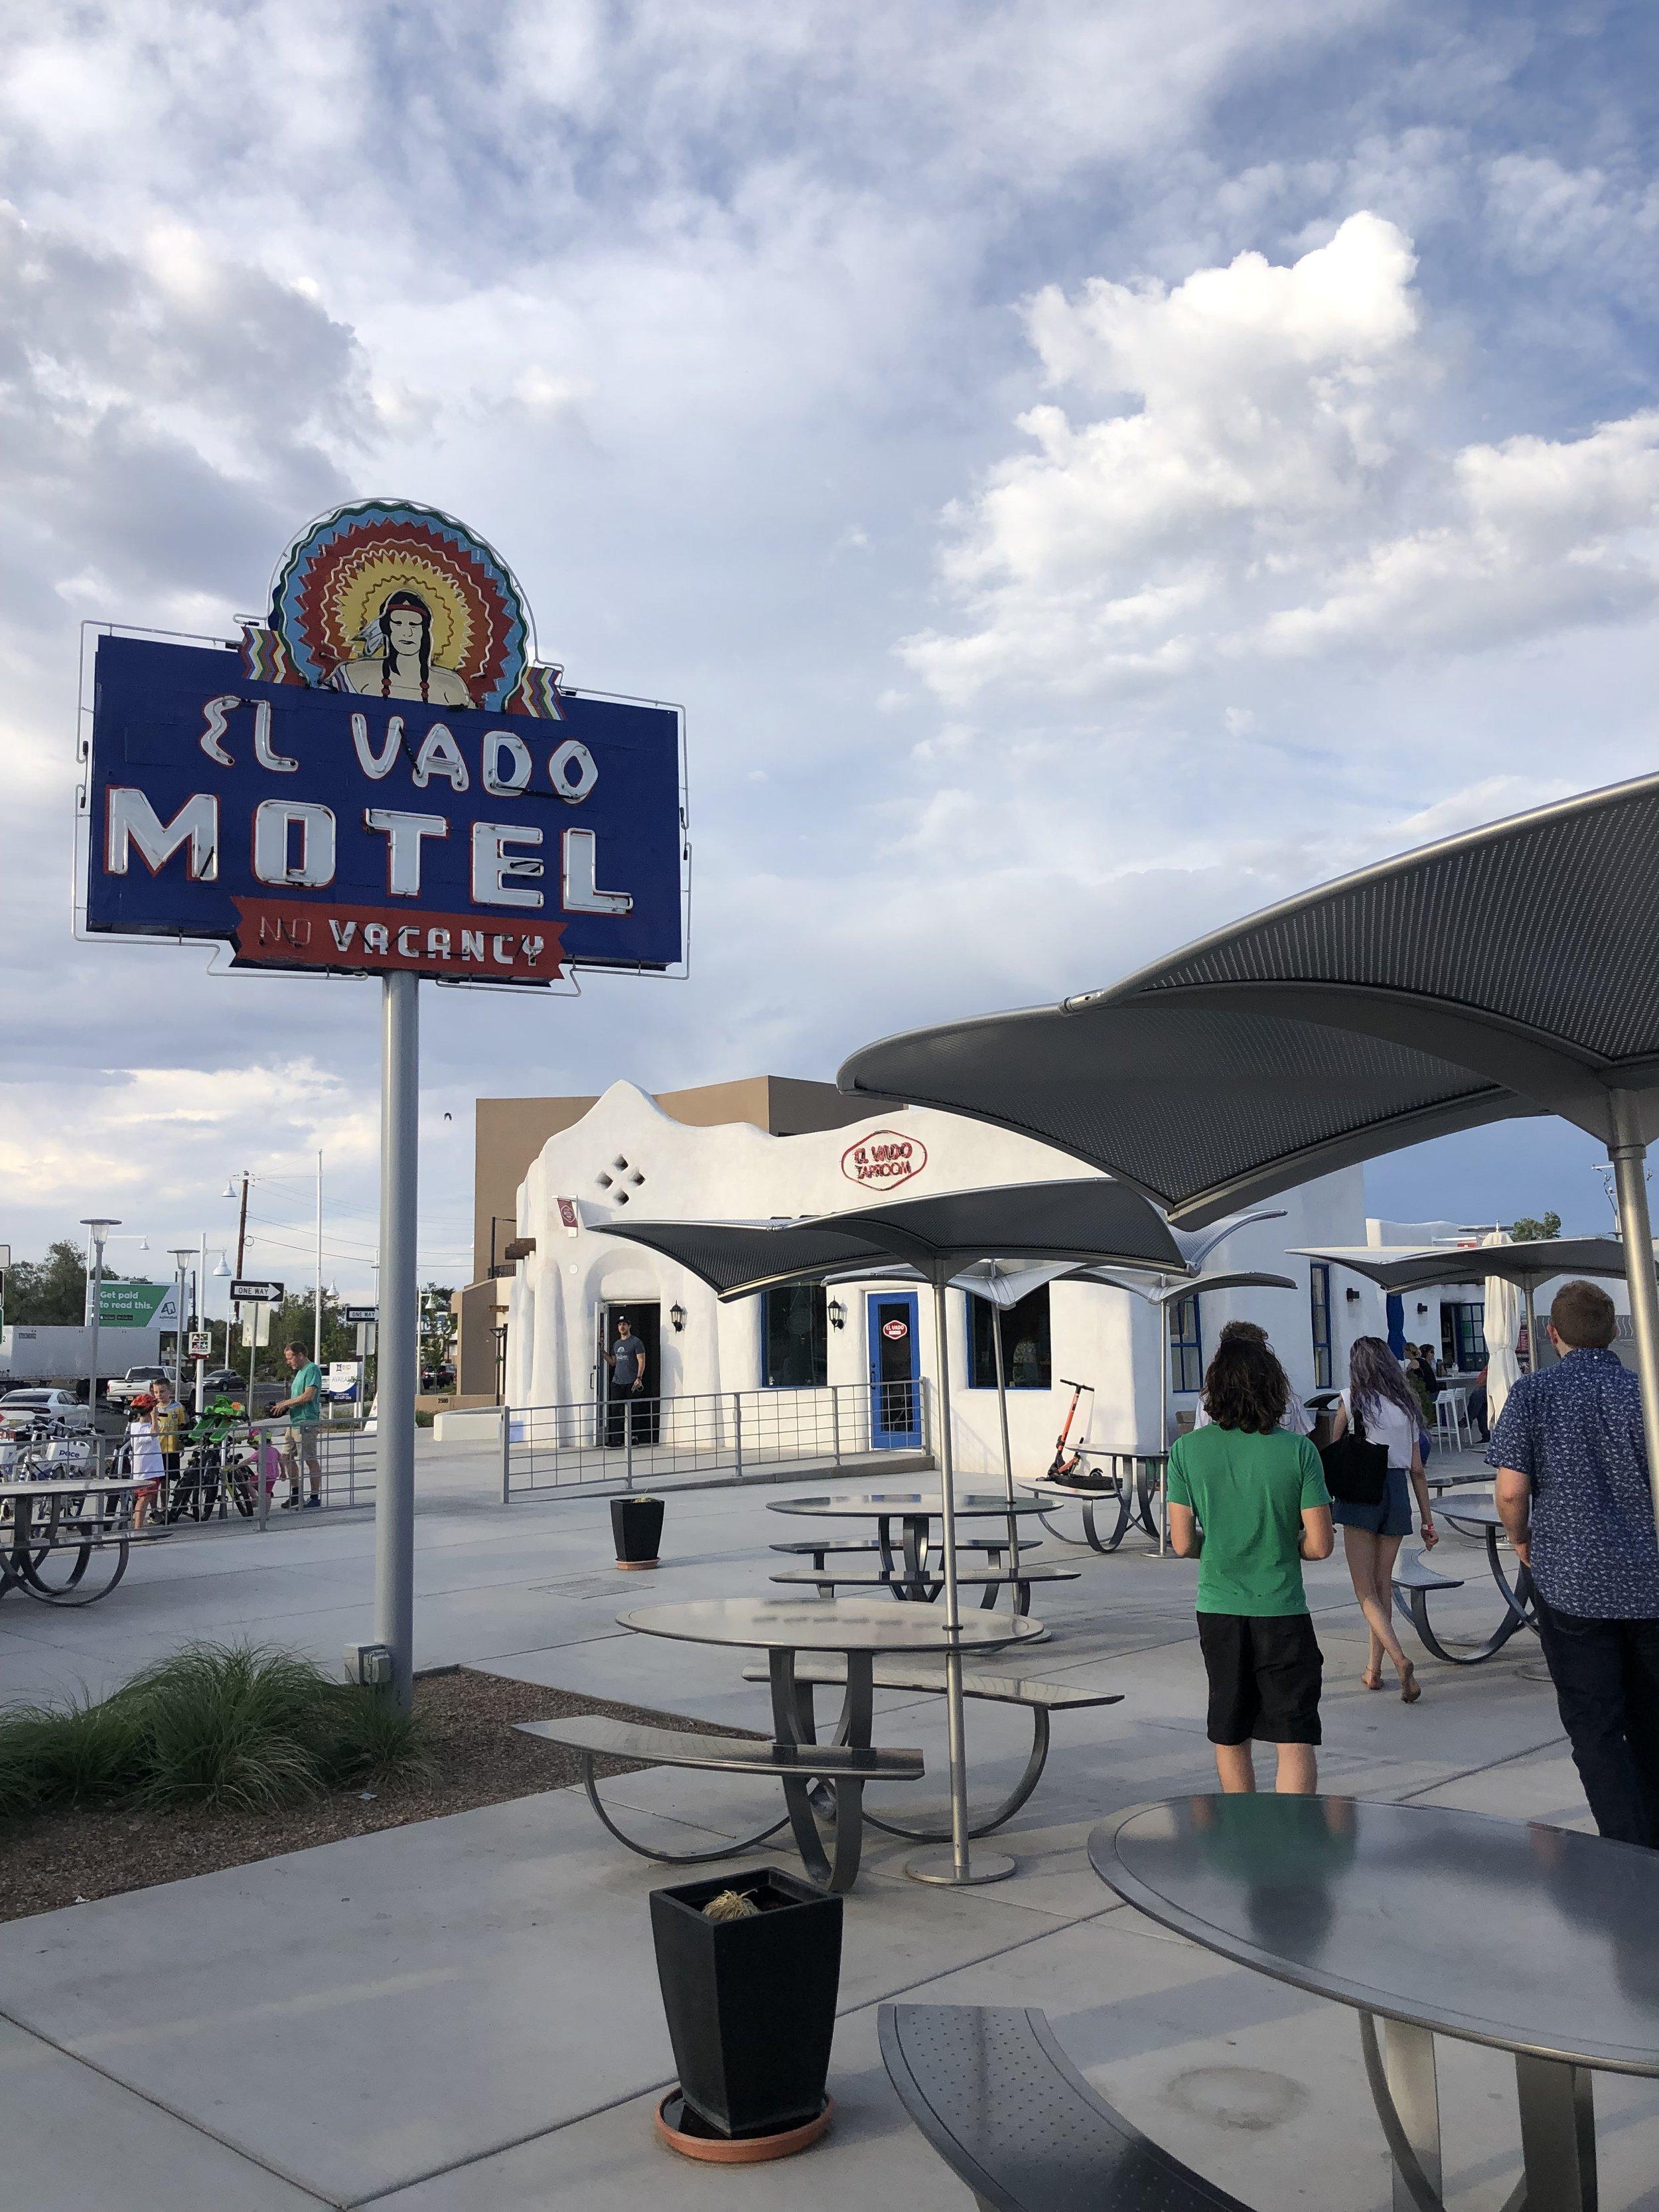 el vado motel.jpg